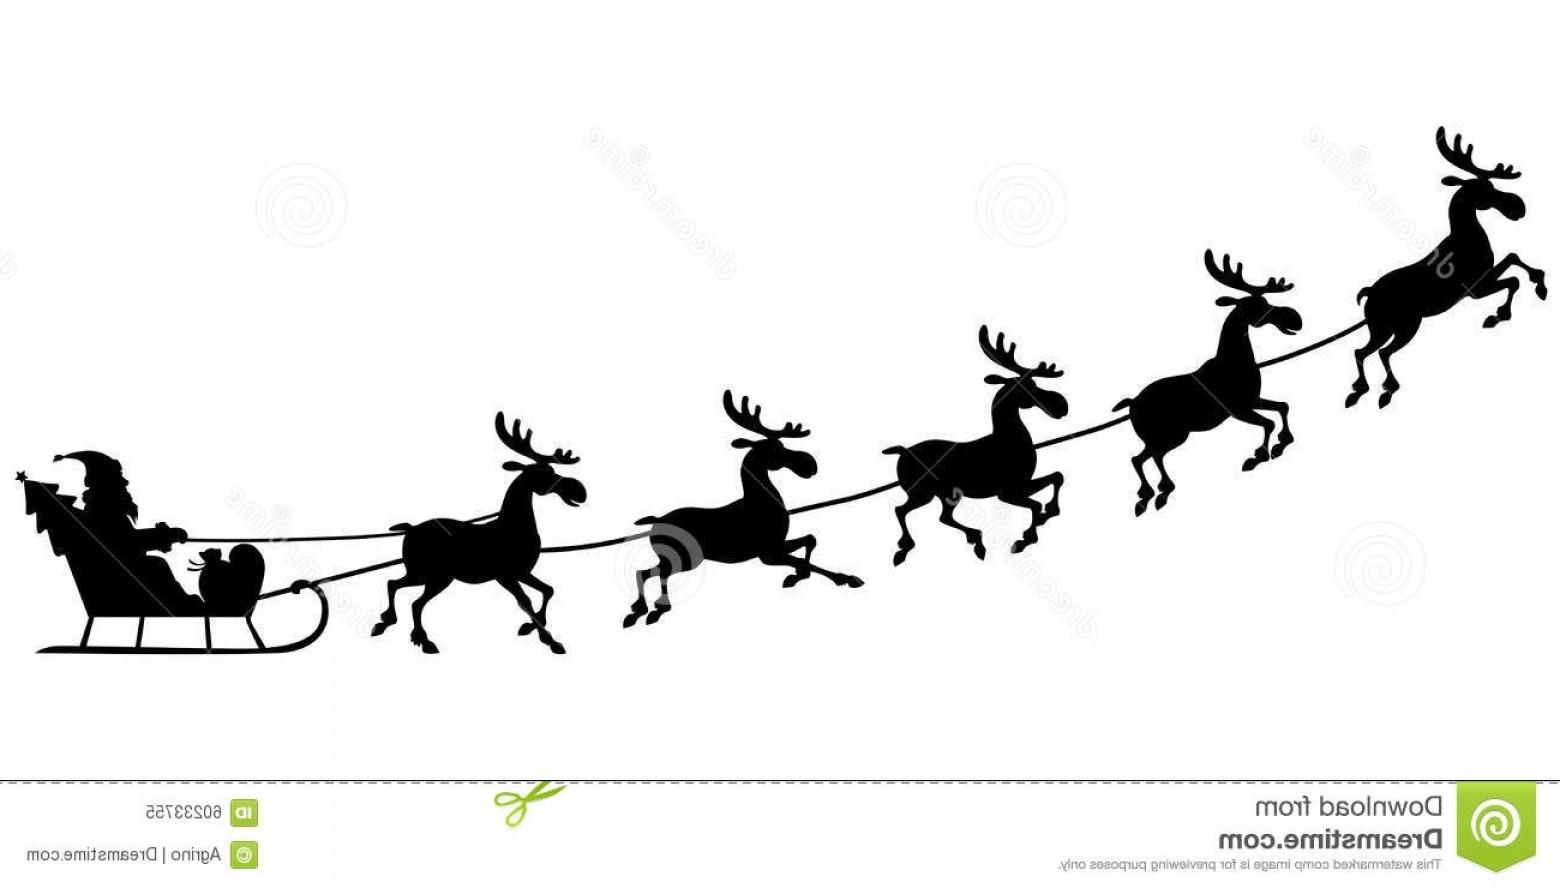 Santa Claus Sleigh Silhouette Free Vector Silhouette Santa Riding